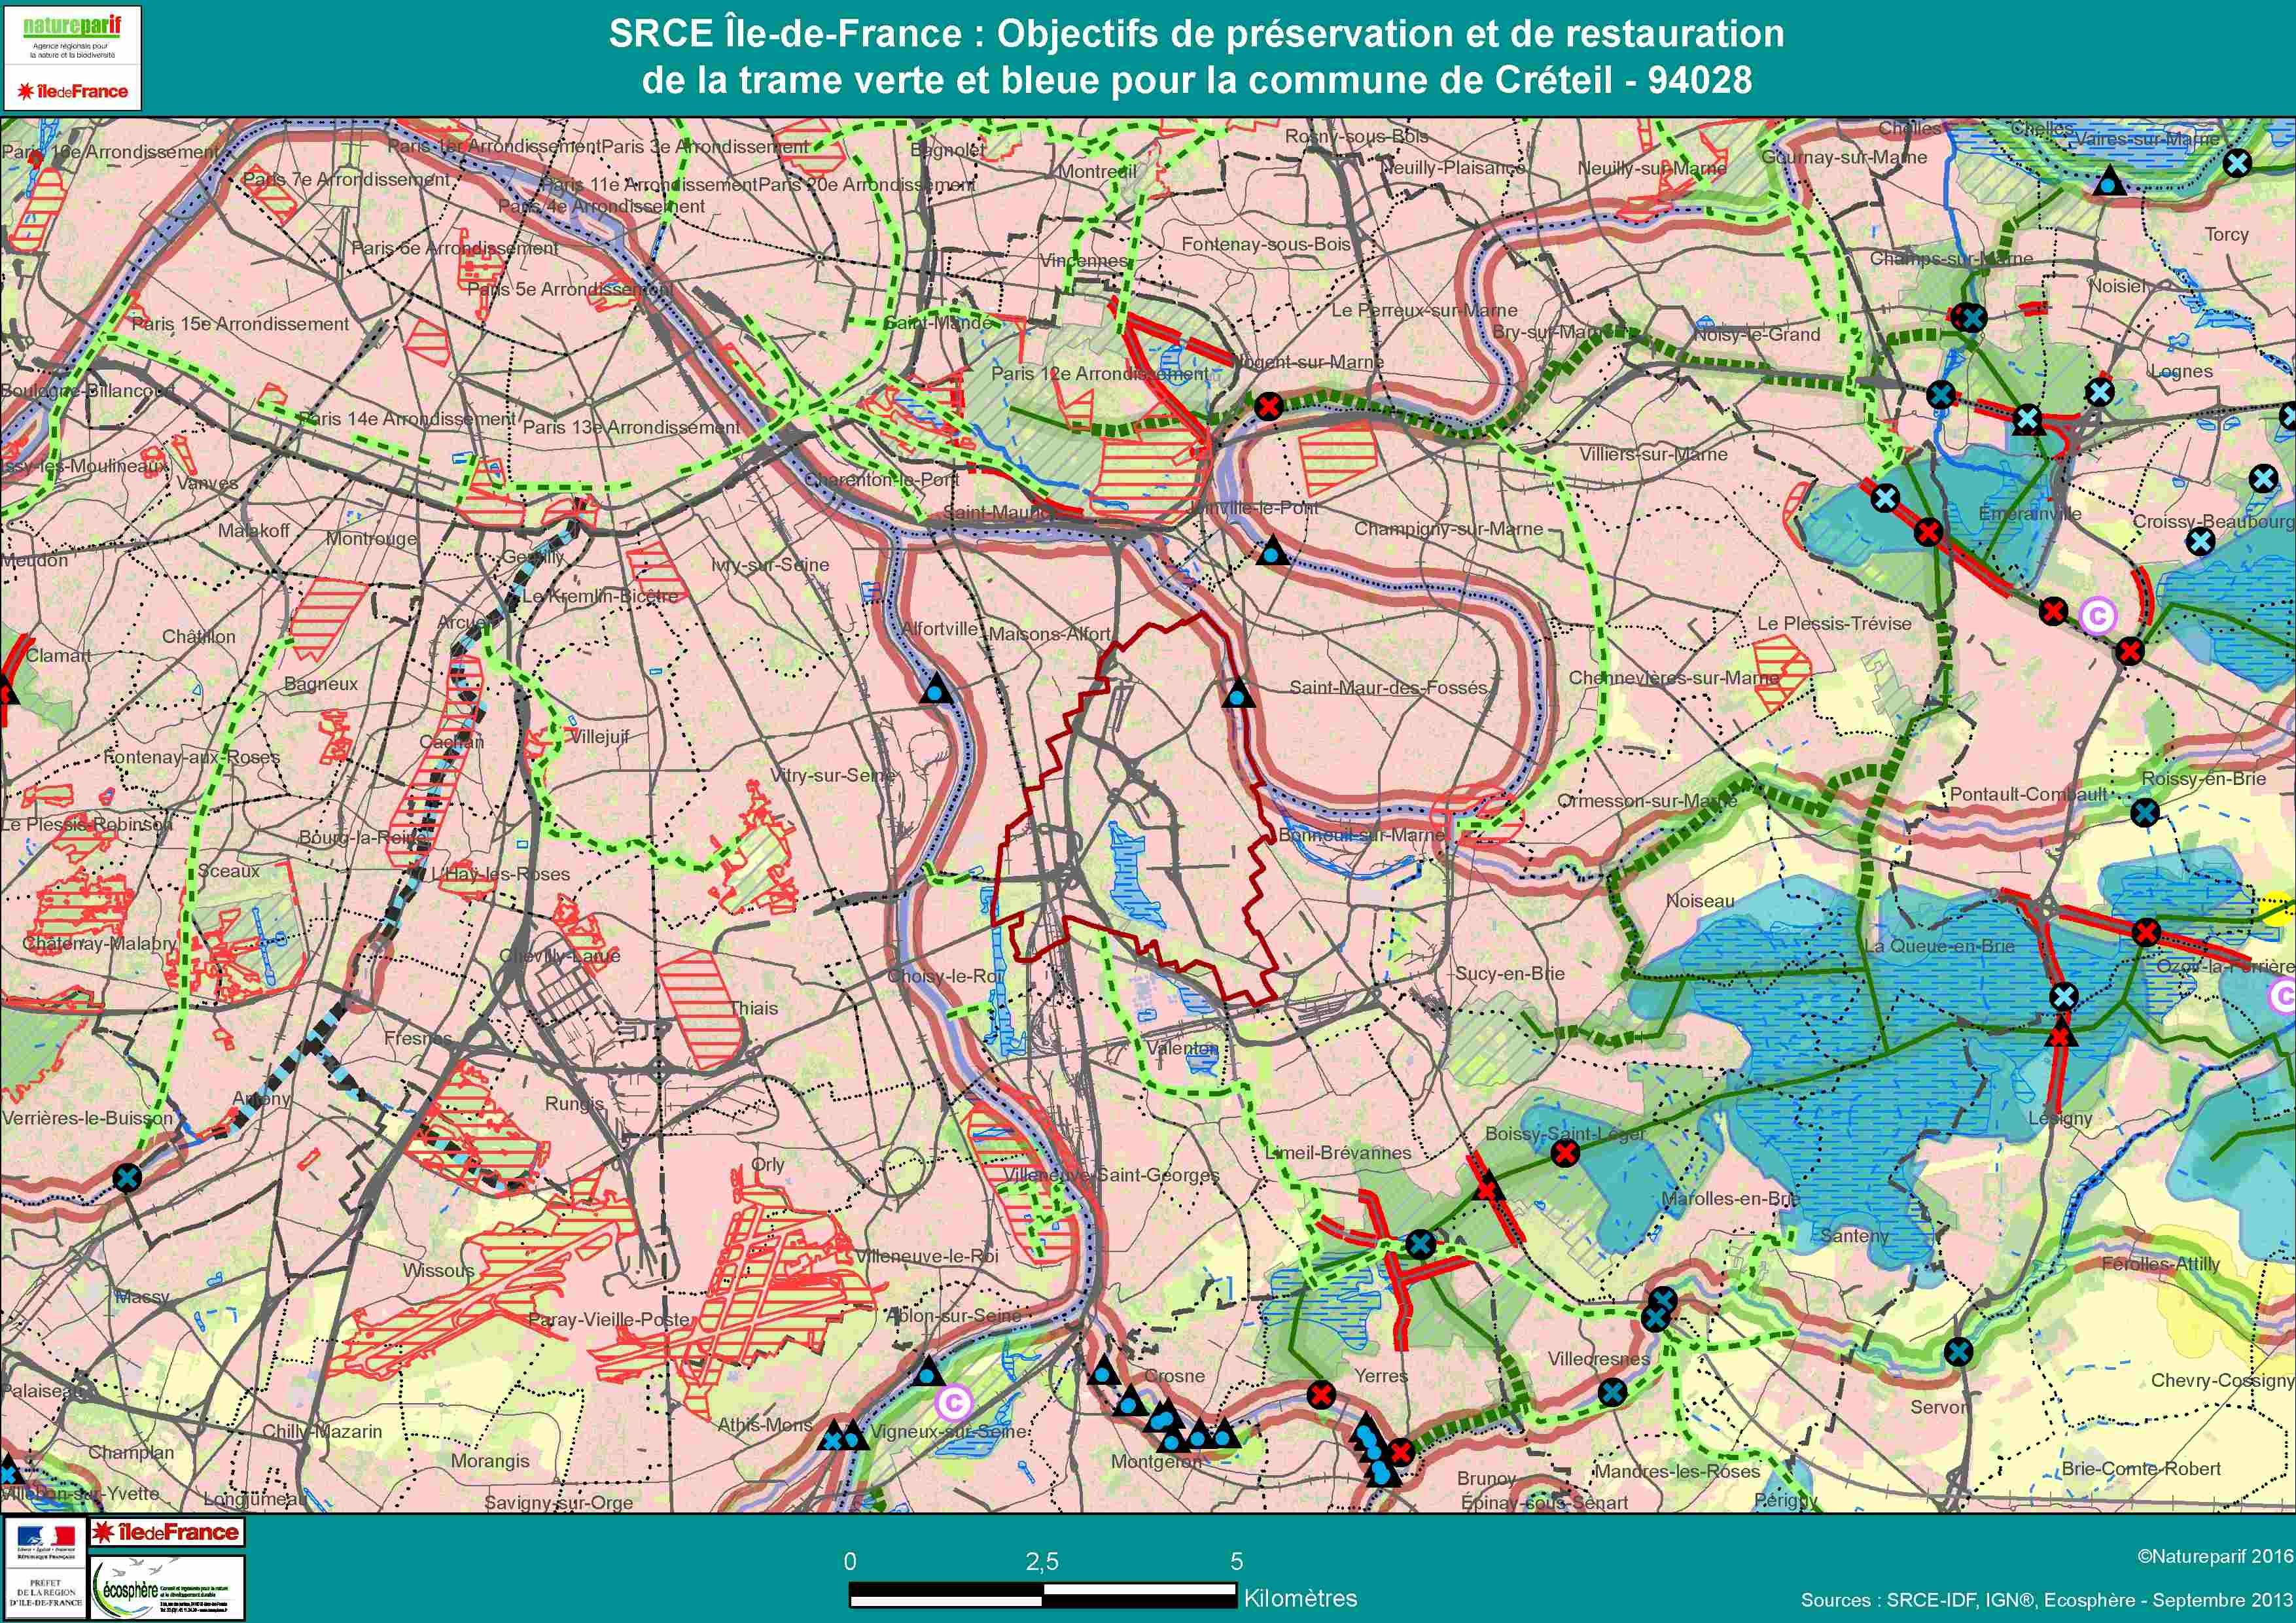 Schéma régional de cohérence écologique d'Île-de-France (SRCE) - Carte des objectifs